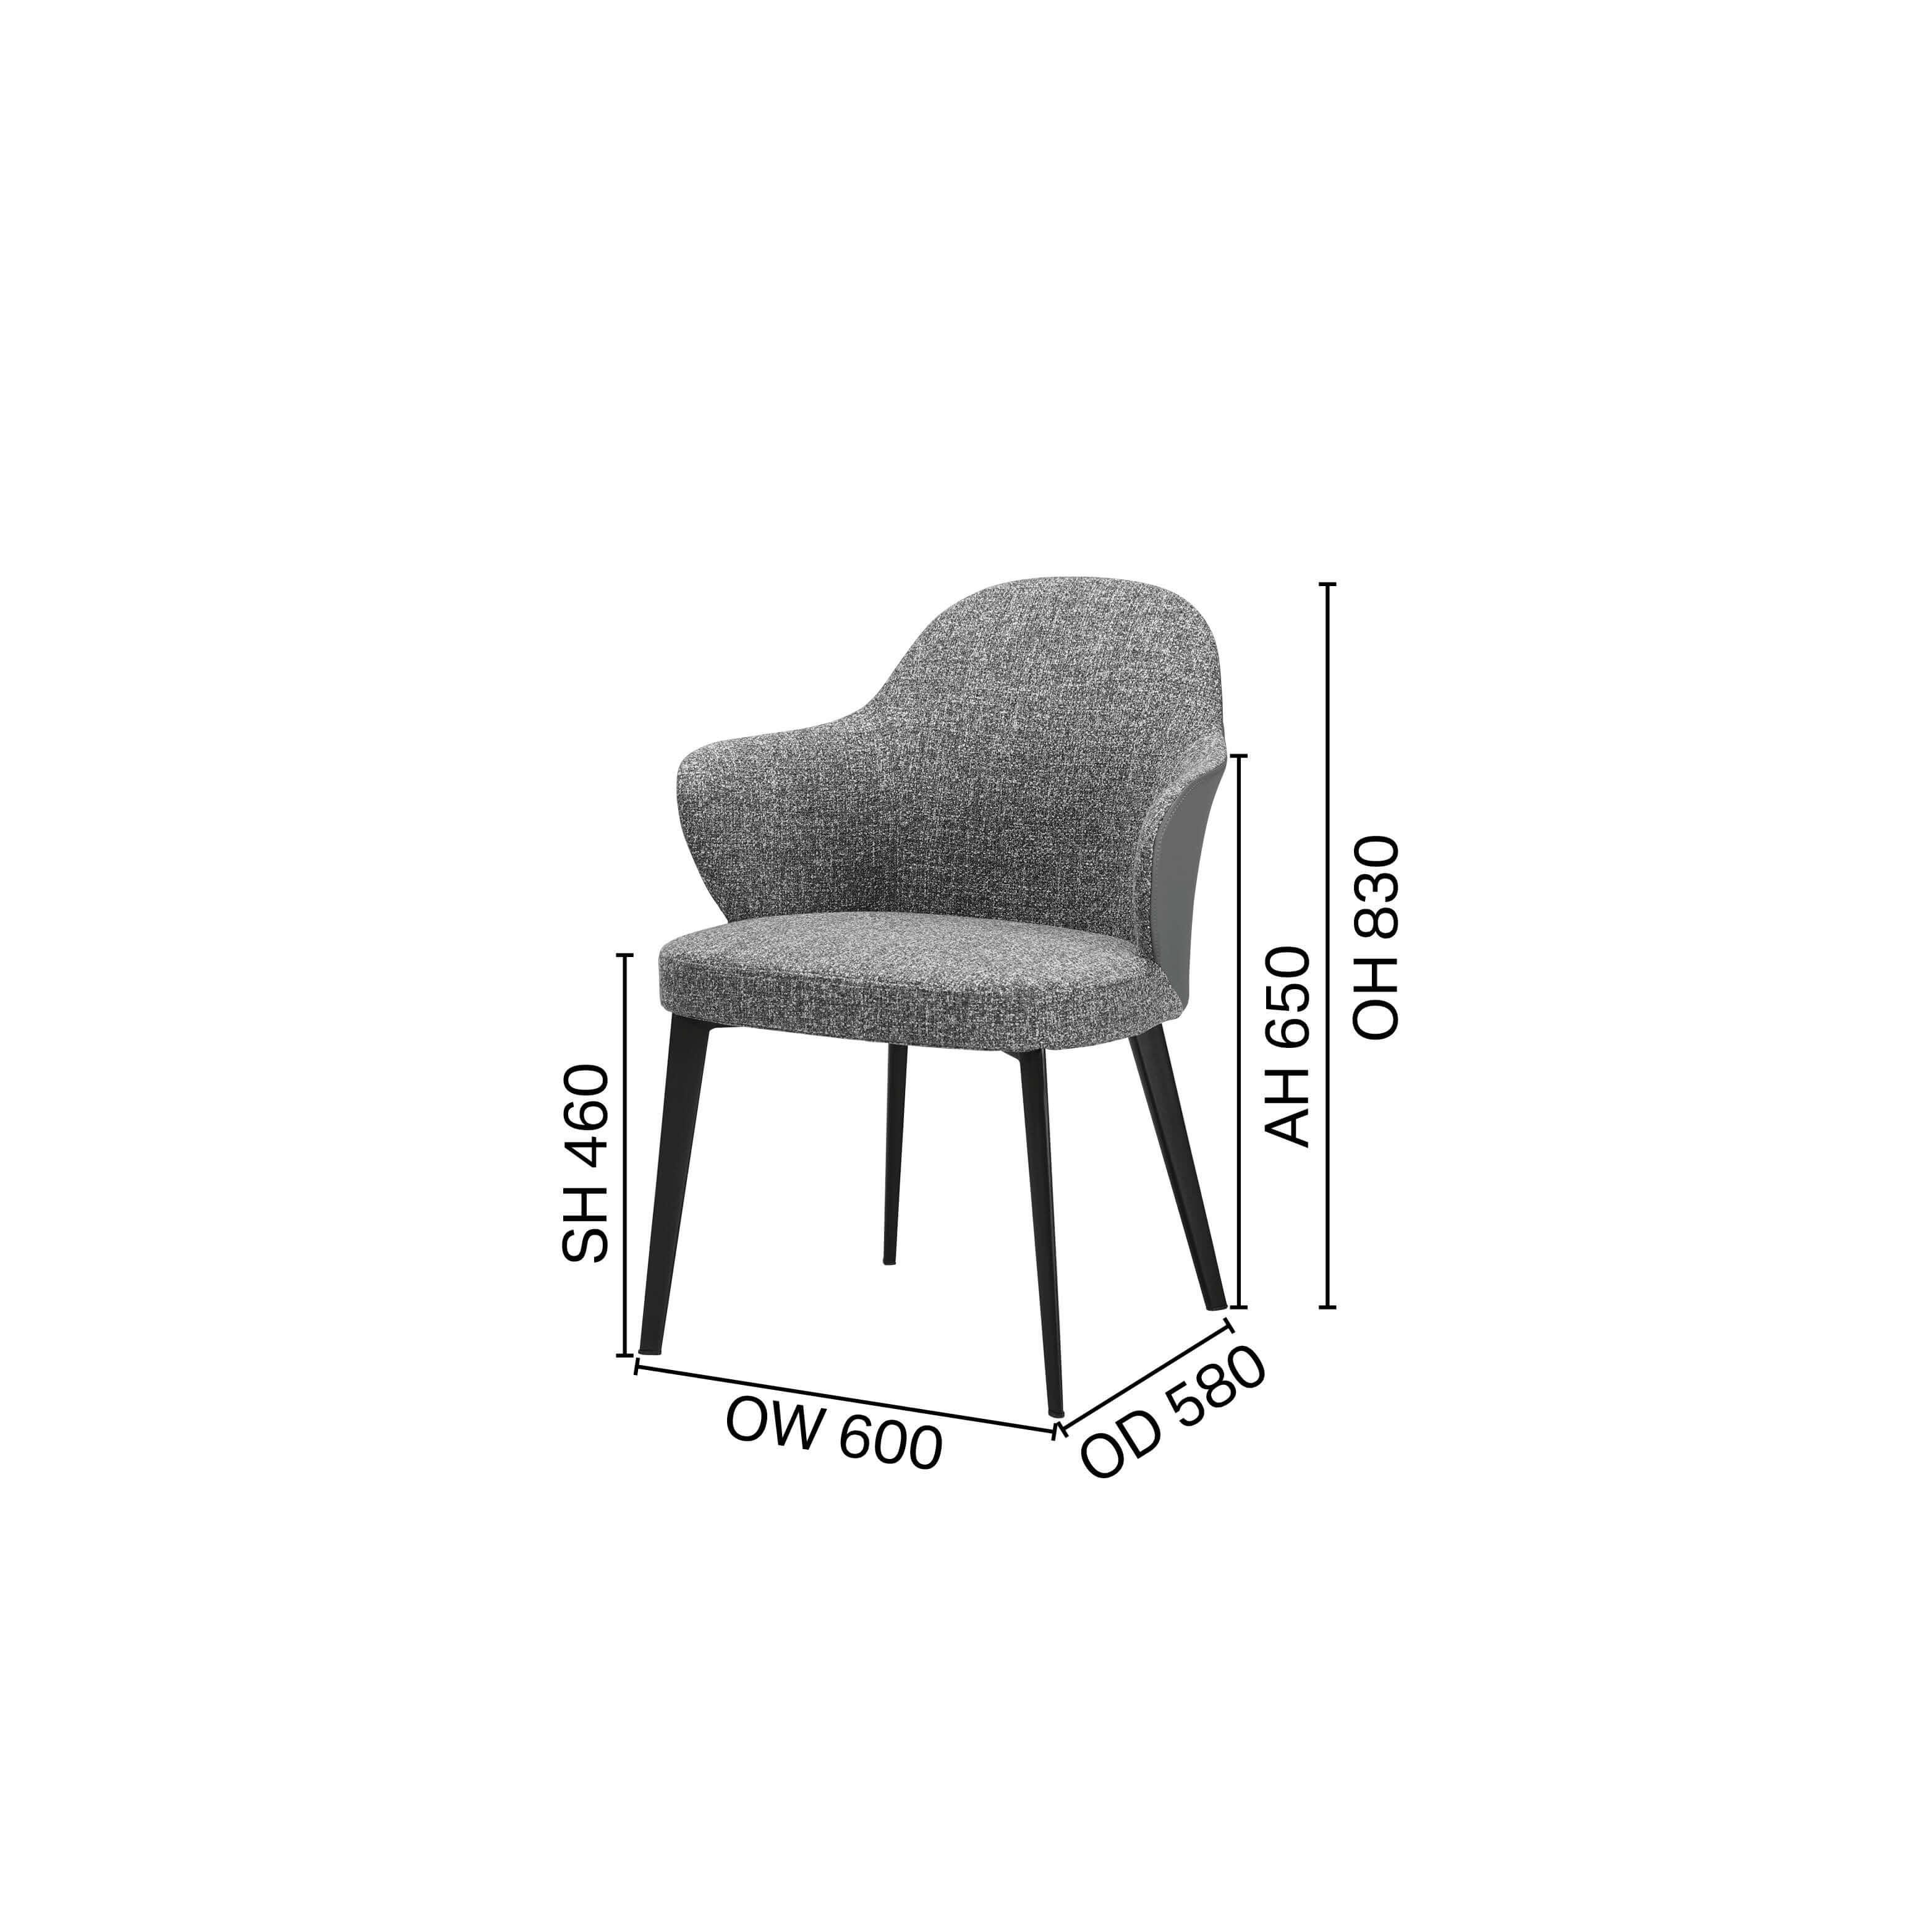 Aria Arm chair - 4 Legged